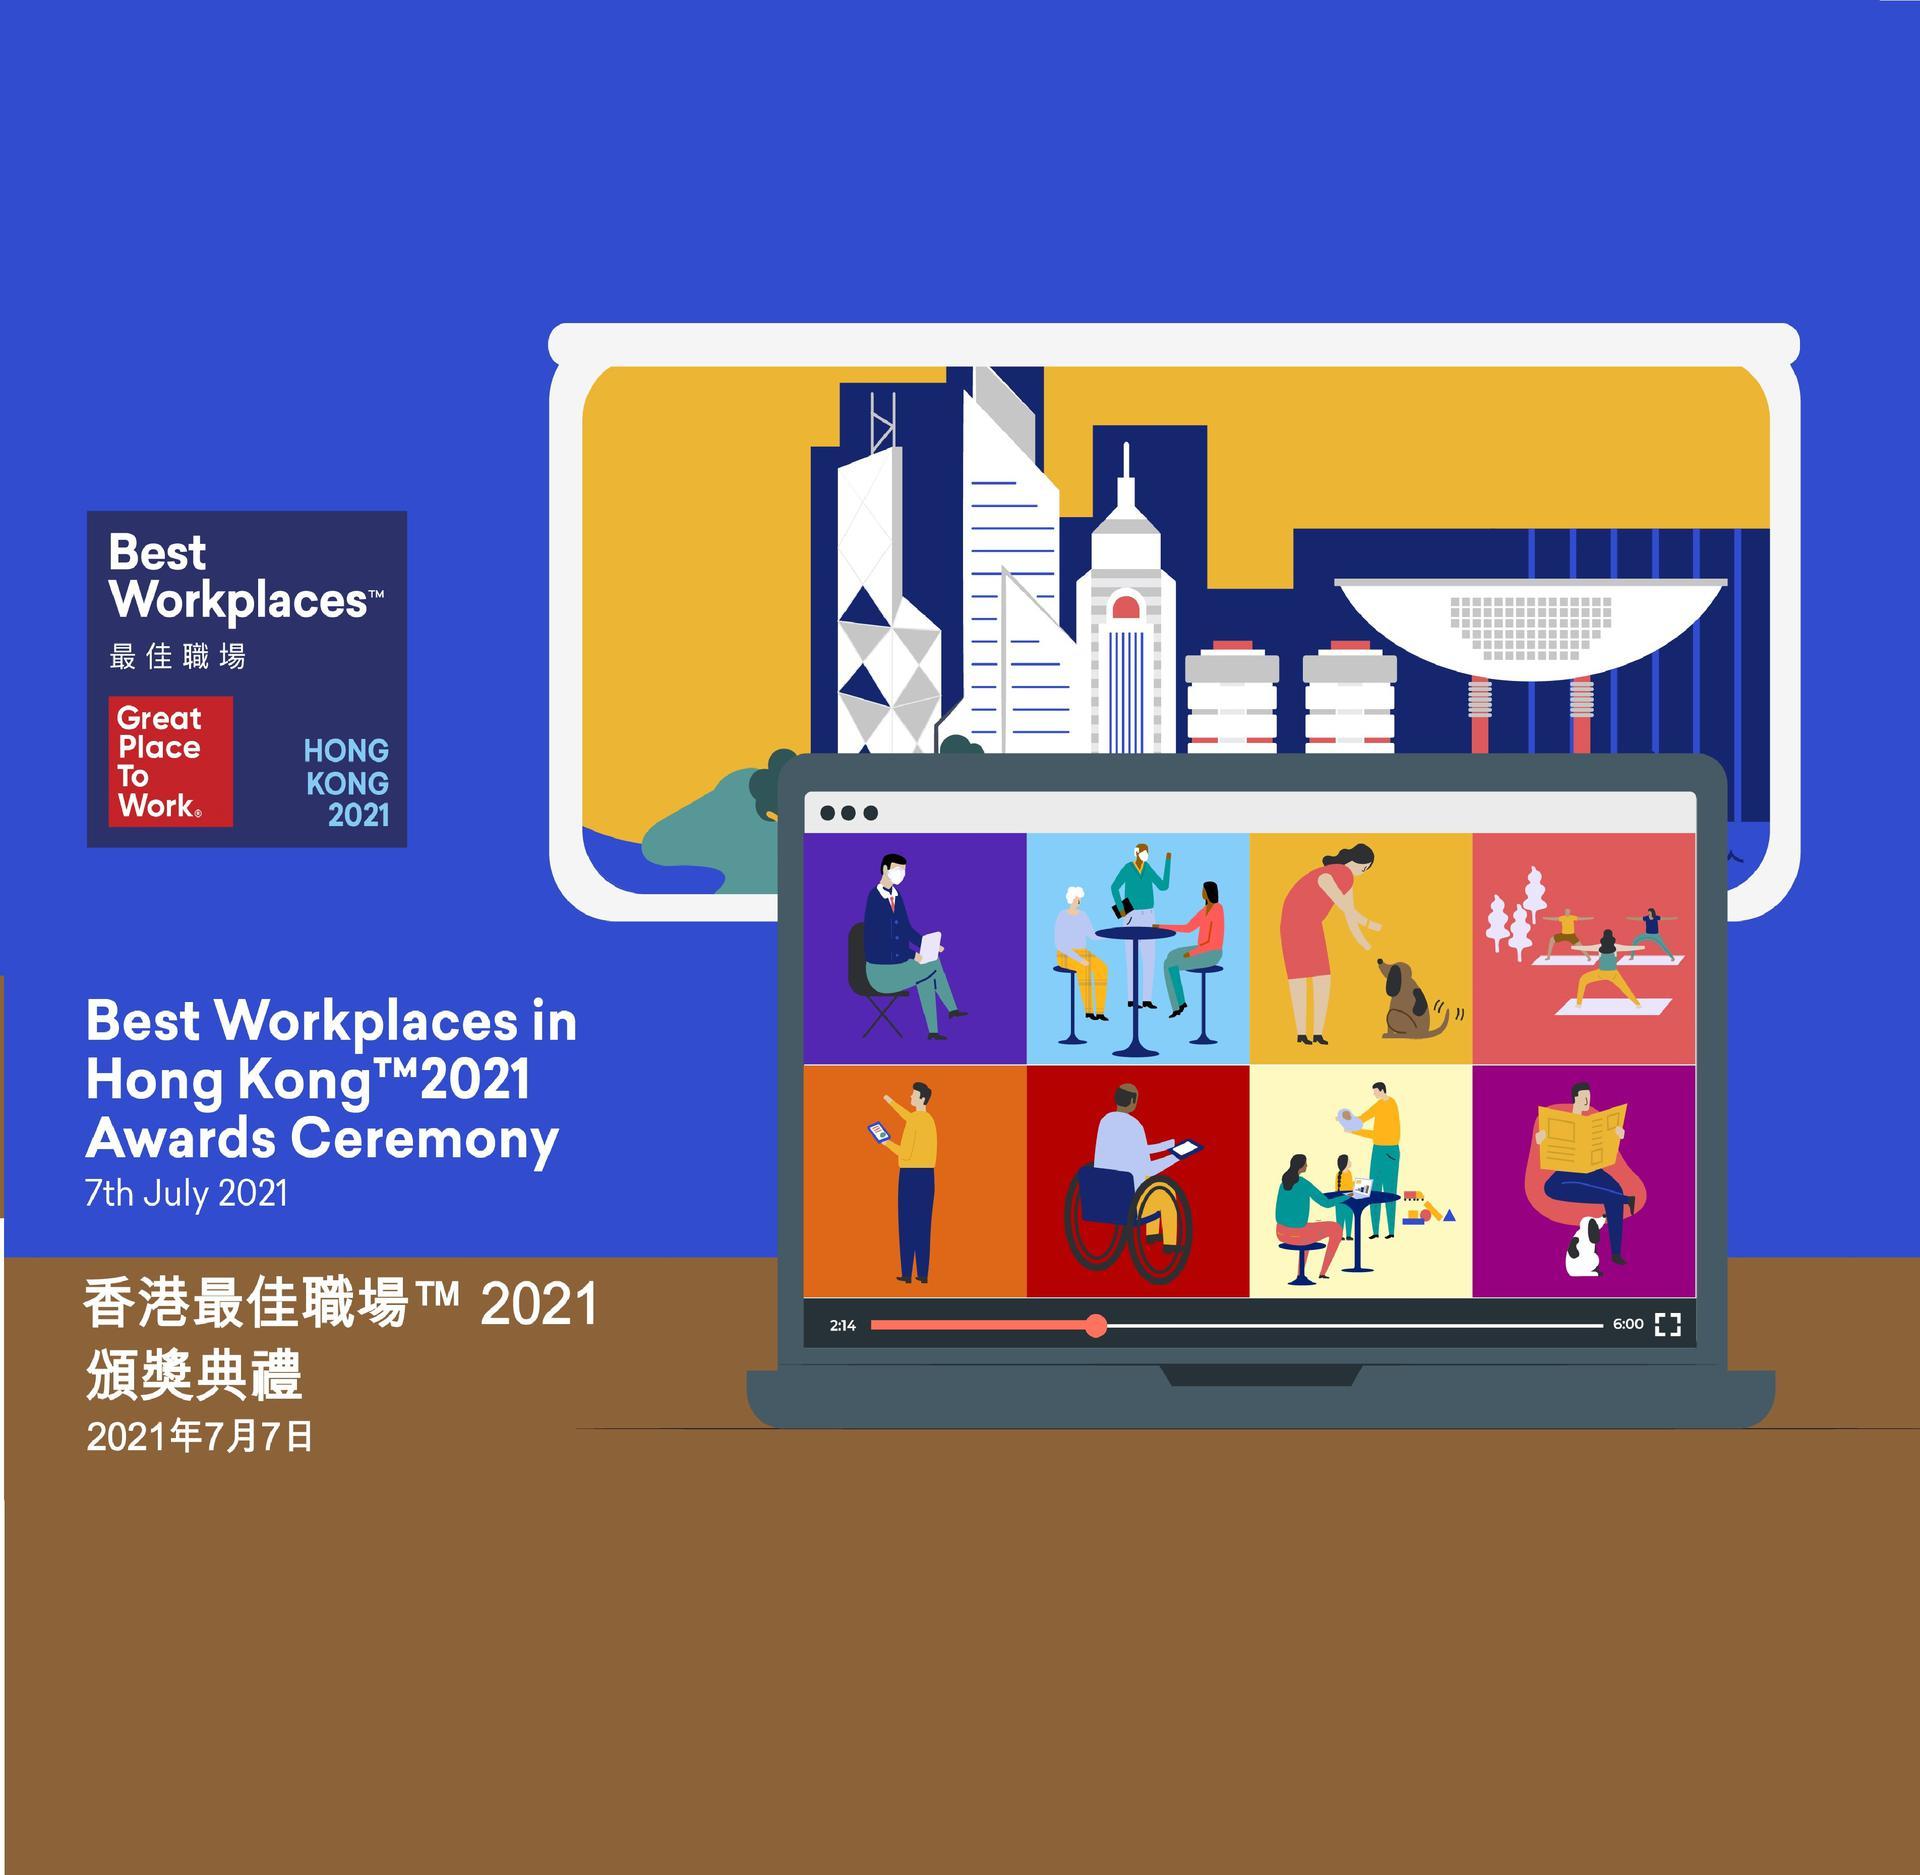 「香港最佳職場™2021」頒獎典禮